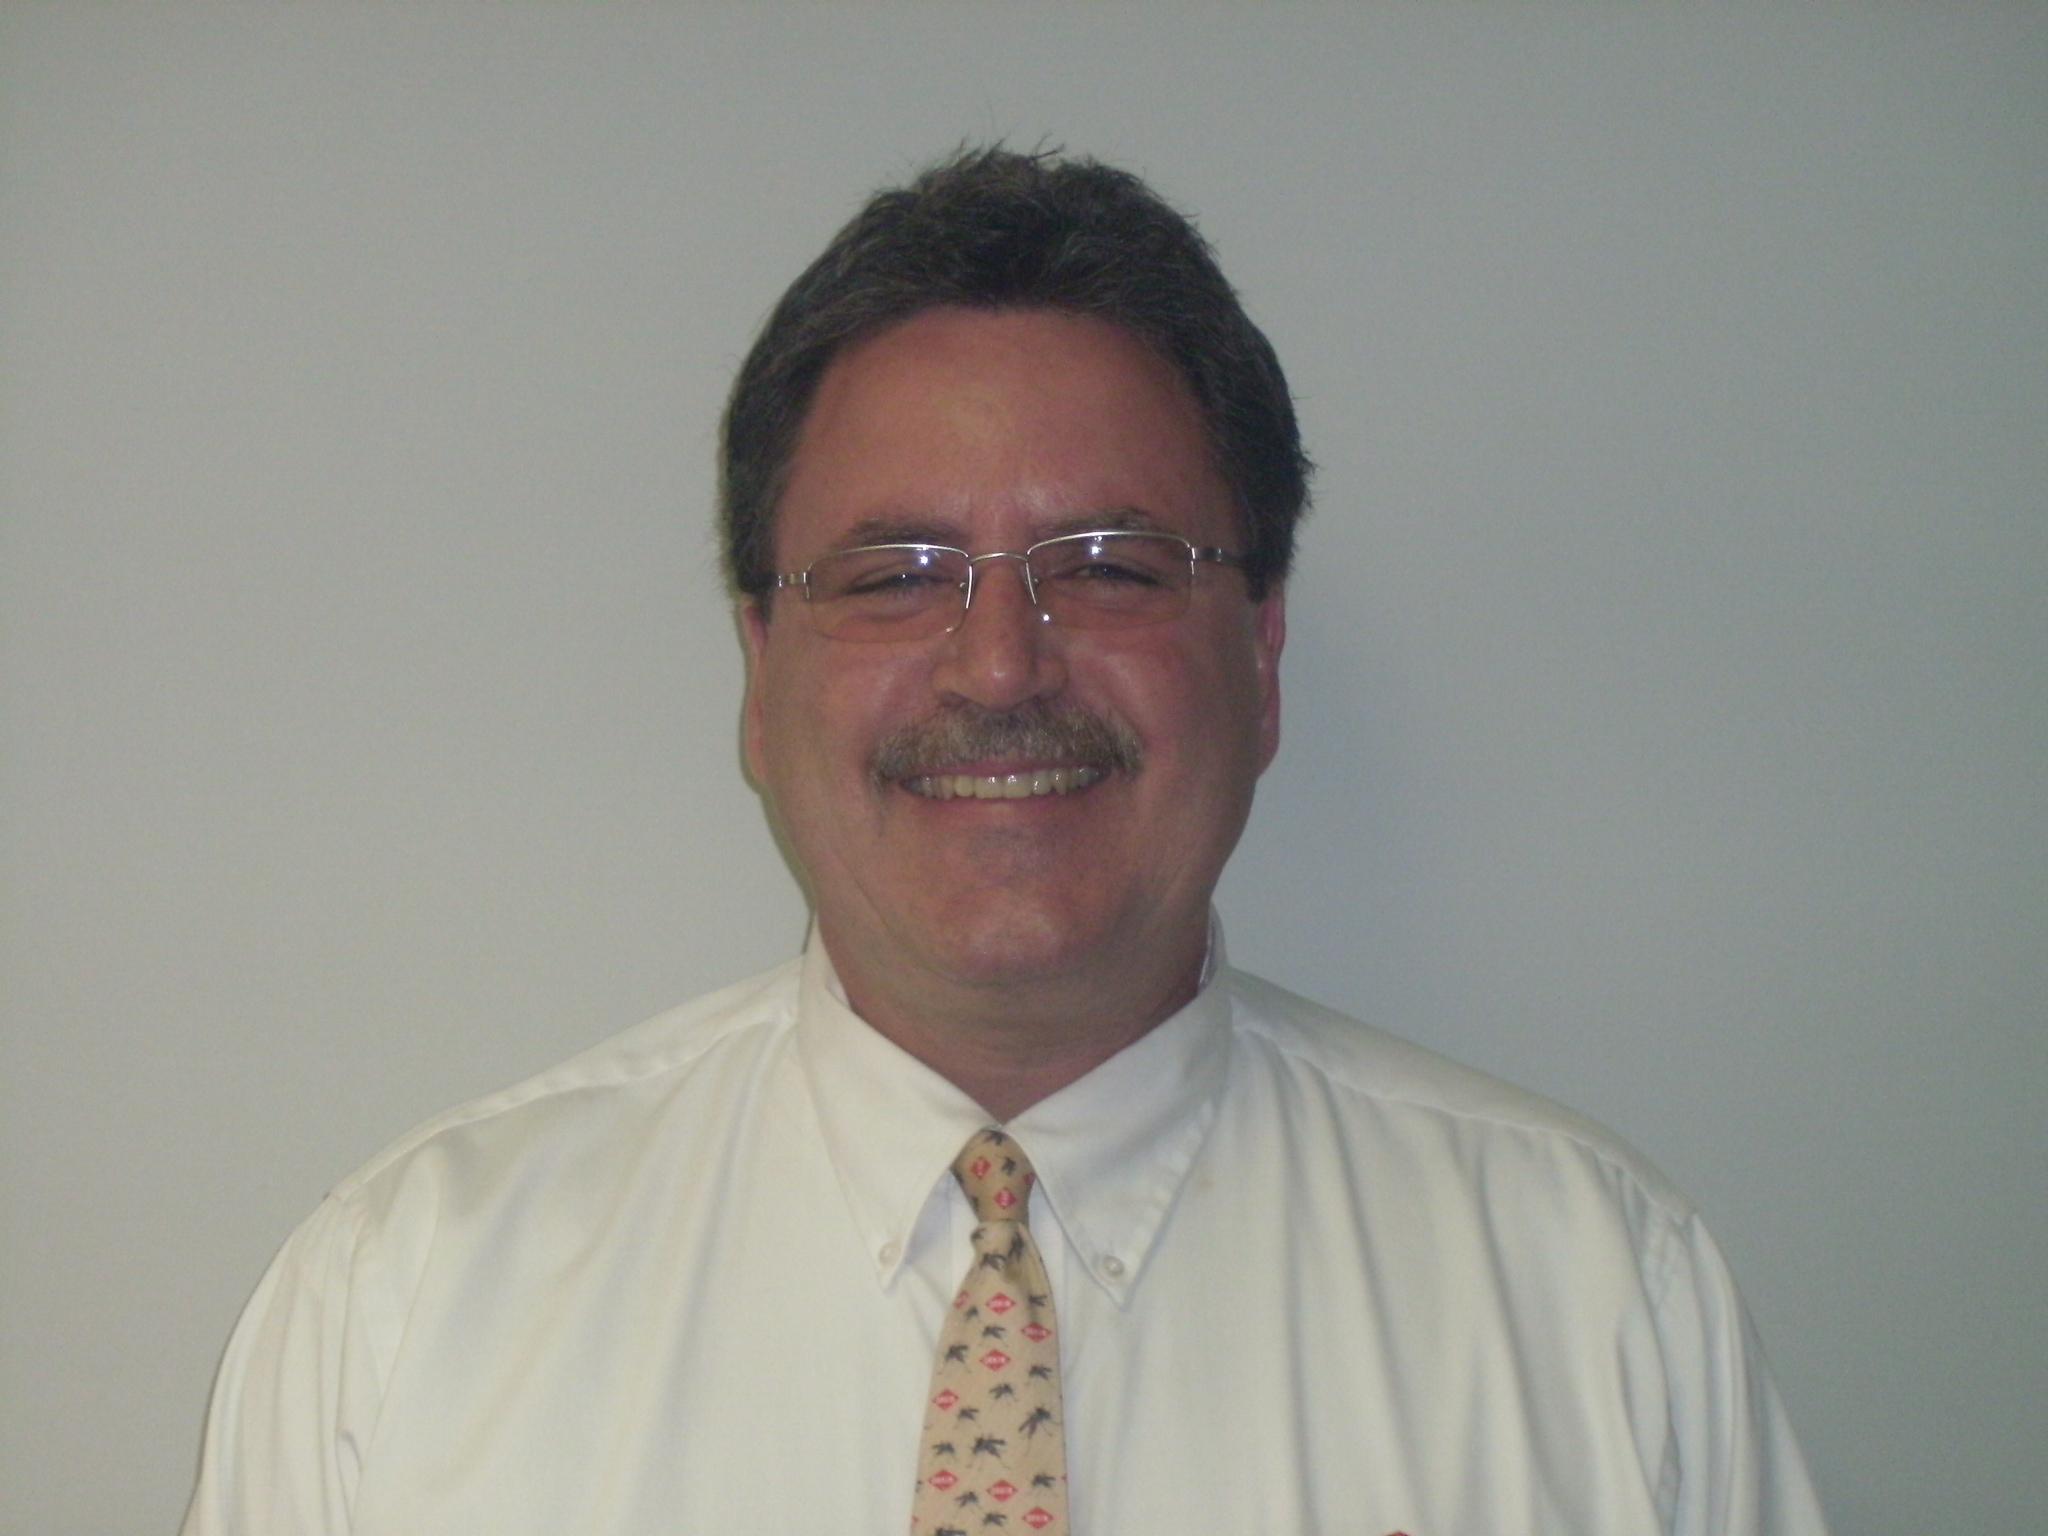 Kirk Reed